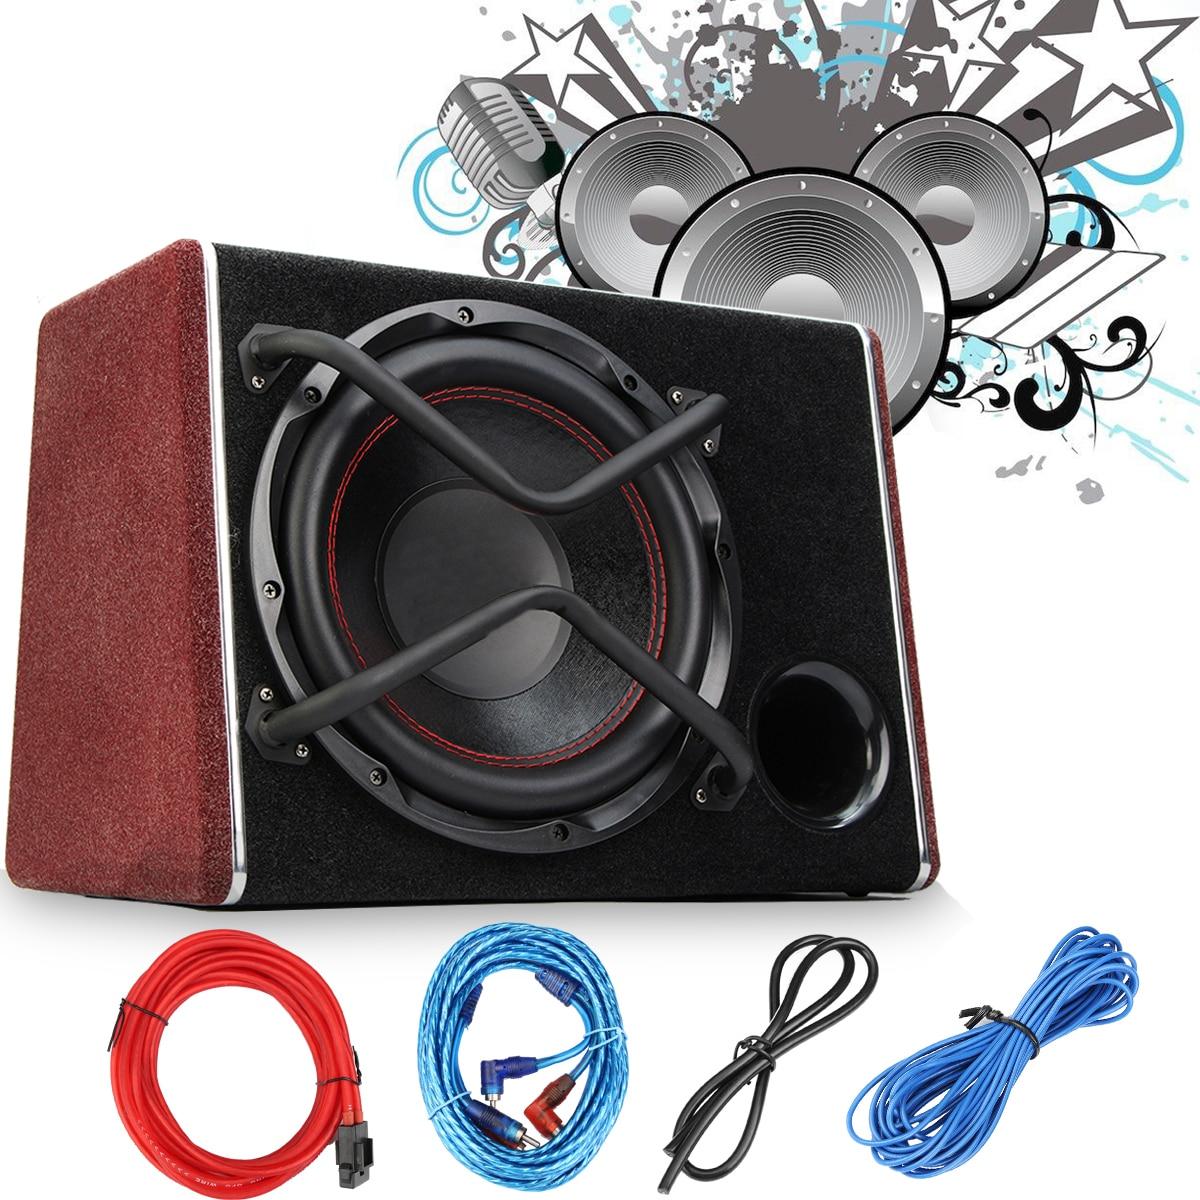 1200 Вт автомобильный сабвуфер аудио Sub Active НЧ Авто Subwoofer автомобиль высокой мощности усилитель динамик Super Bass